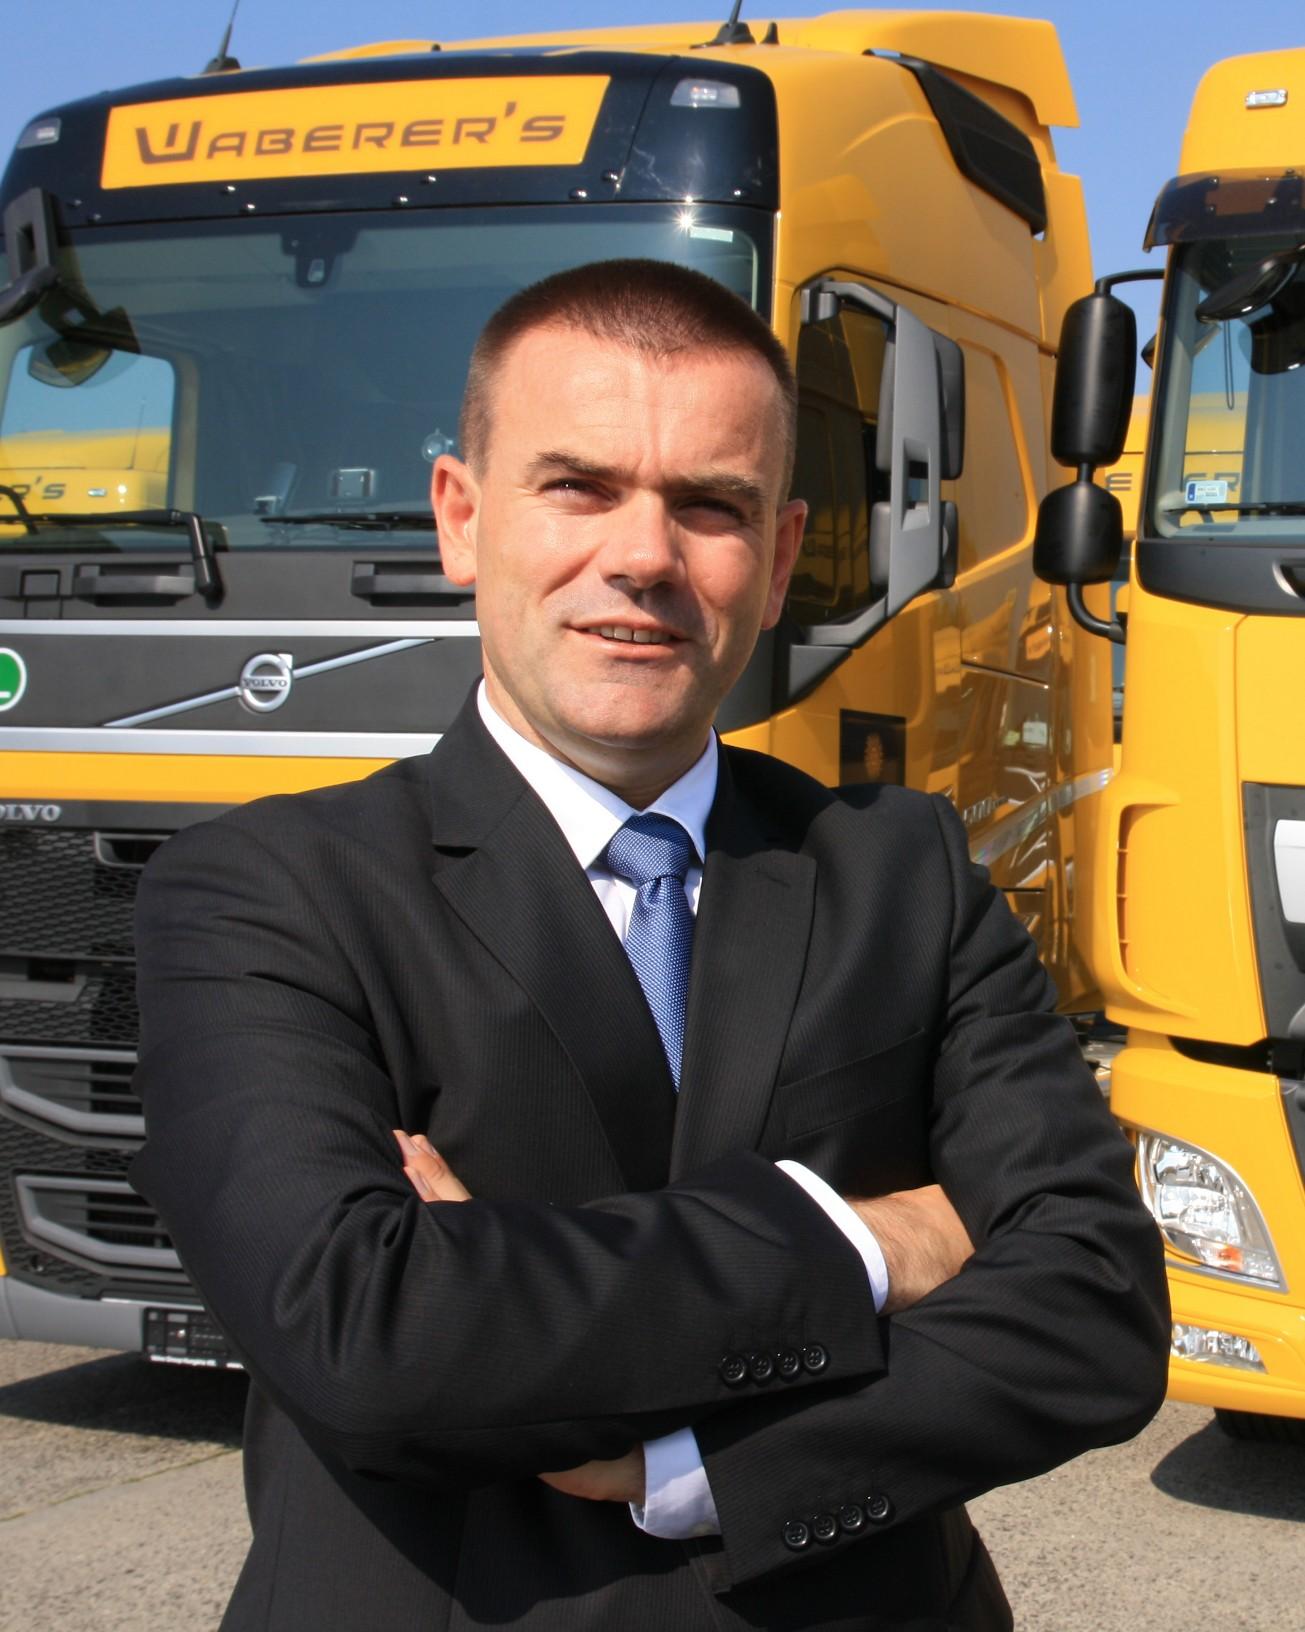 Ferenc Lajko, Deputy CEO, Waberer's International